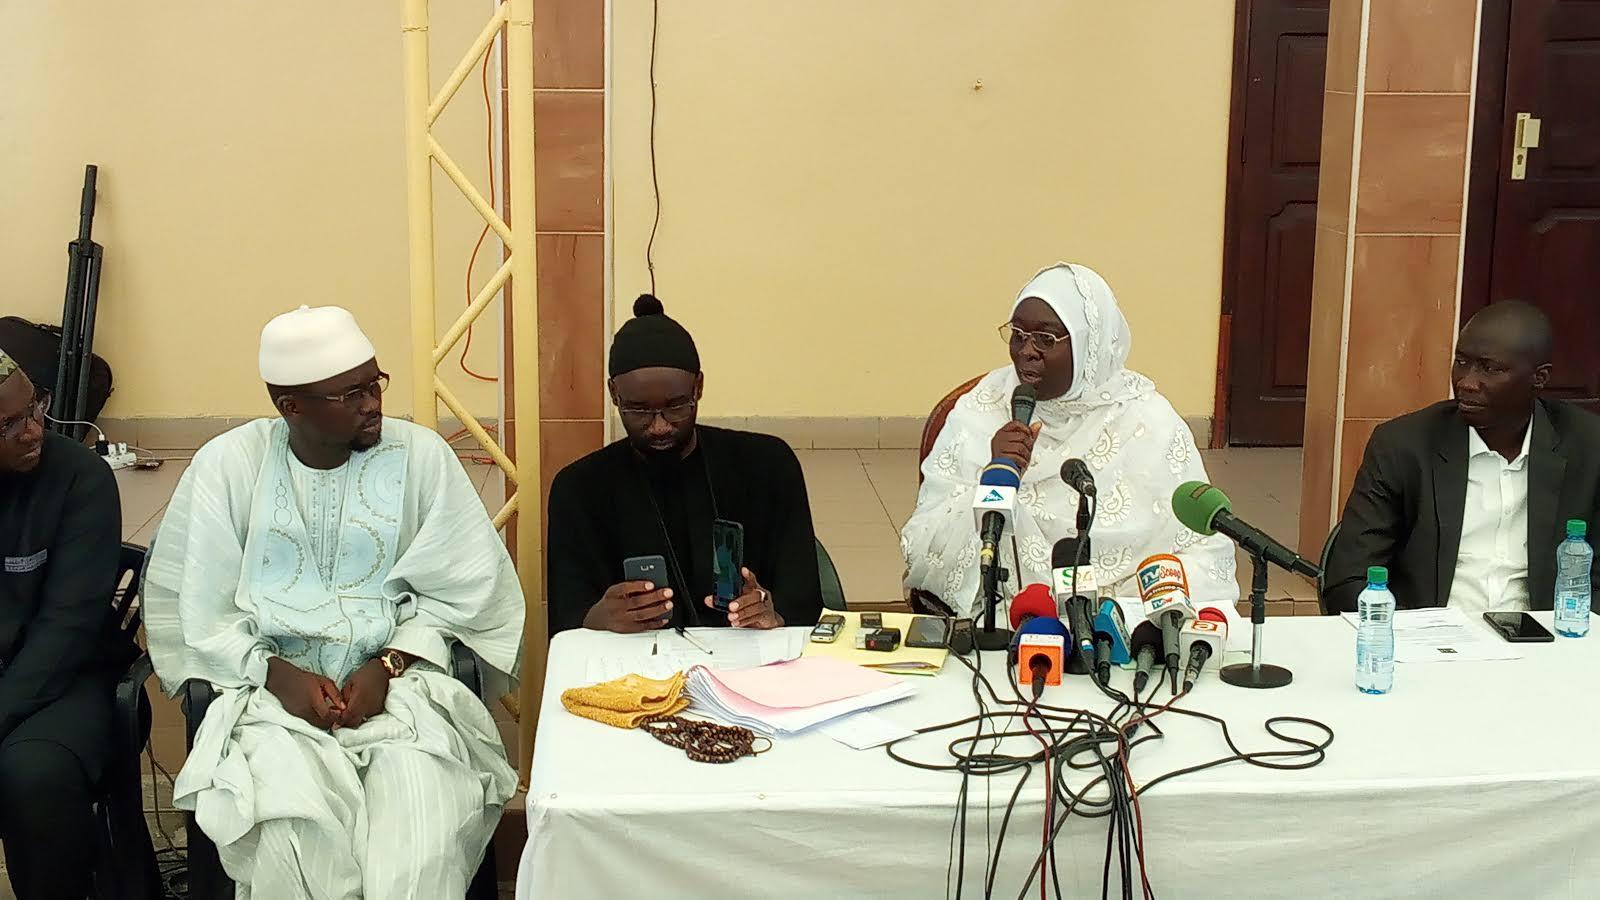 Problème Isja et les deux pharmaciens licenciés : Le Collectif «AND SAMM JIKKO YI» décrie «des mesures aux antipodes de notre légendaire tolérance.»